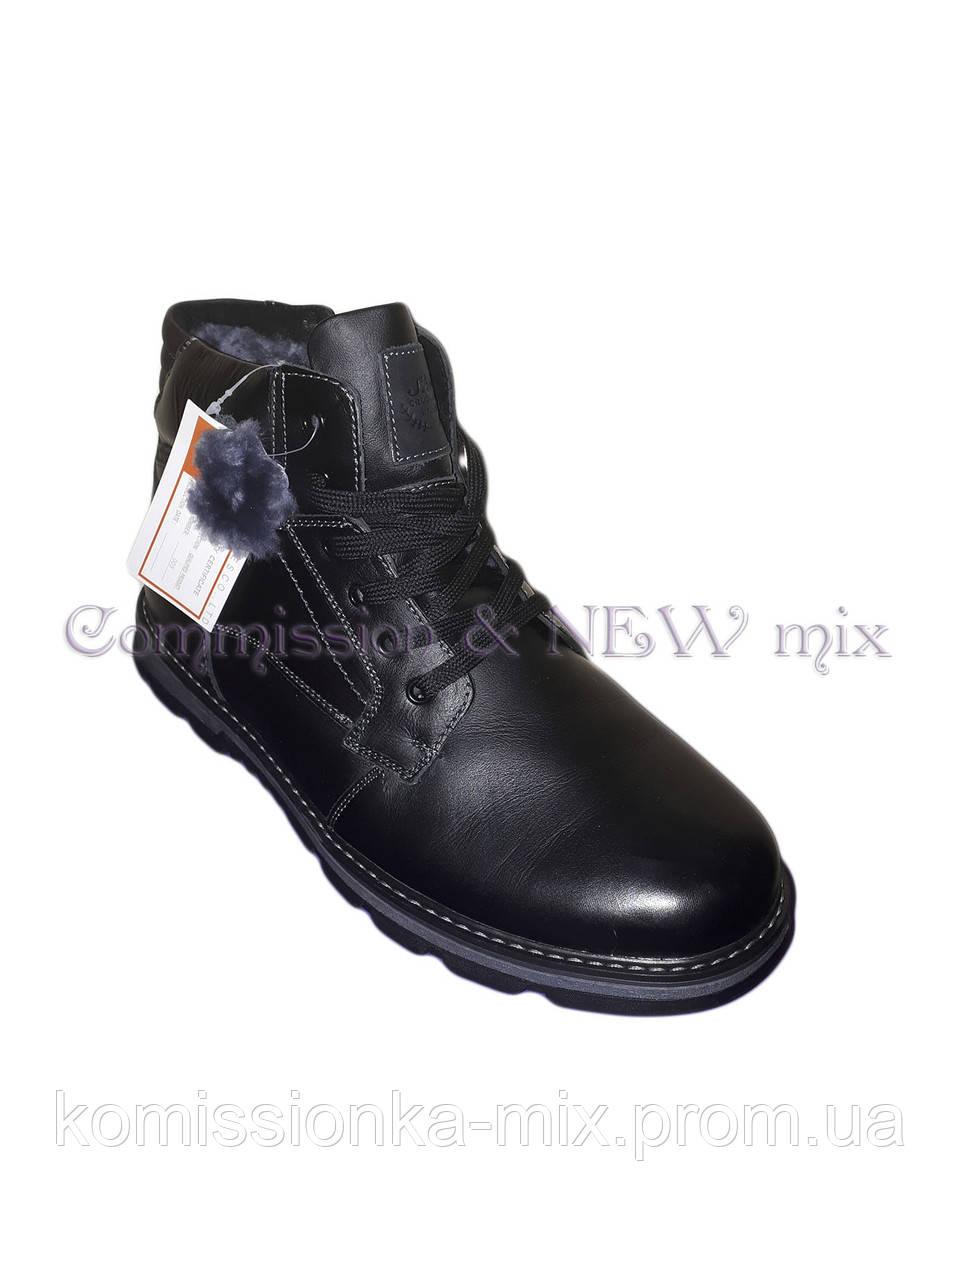 Ботинки мужские зимние KANGFU (новые)